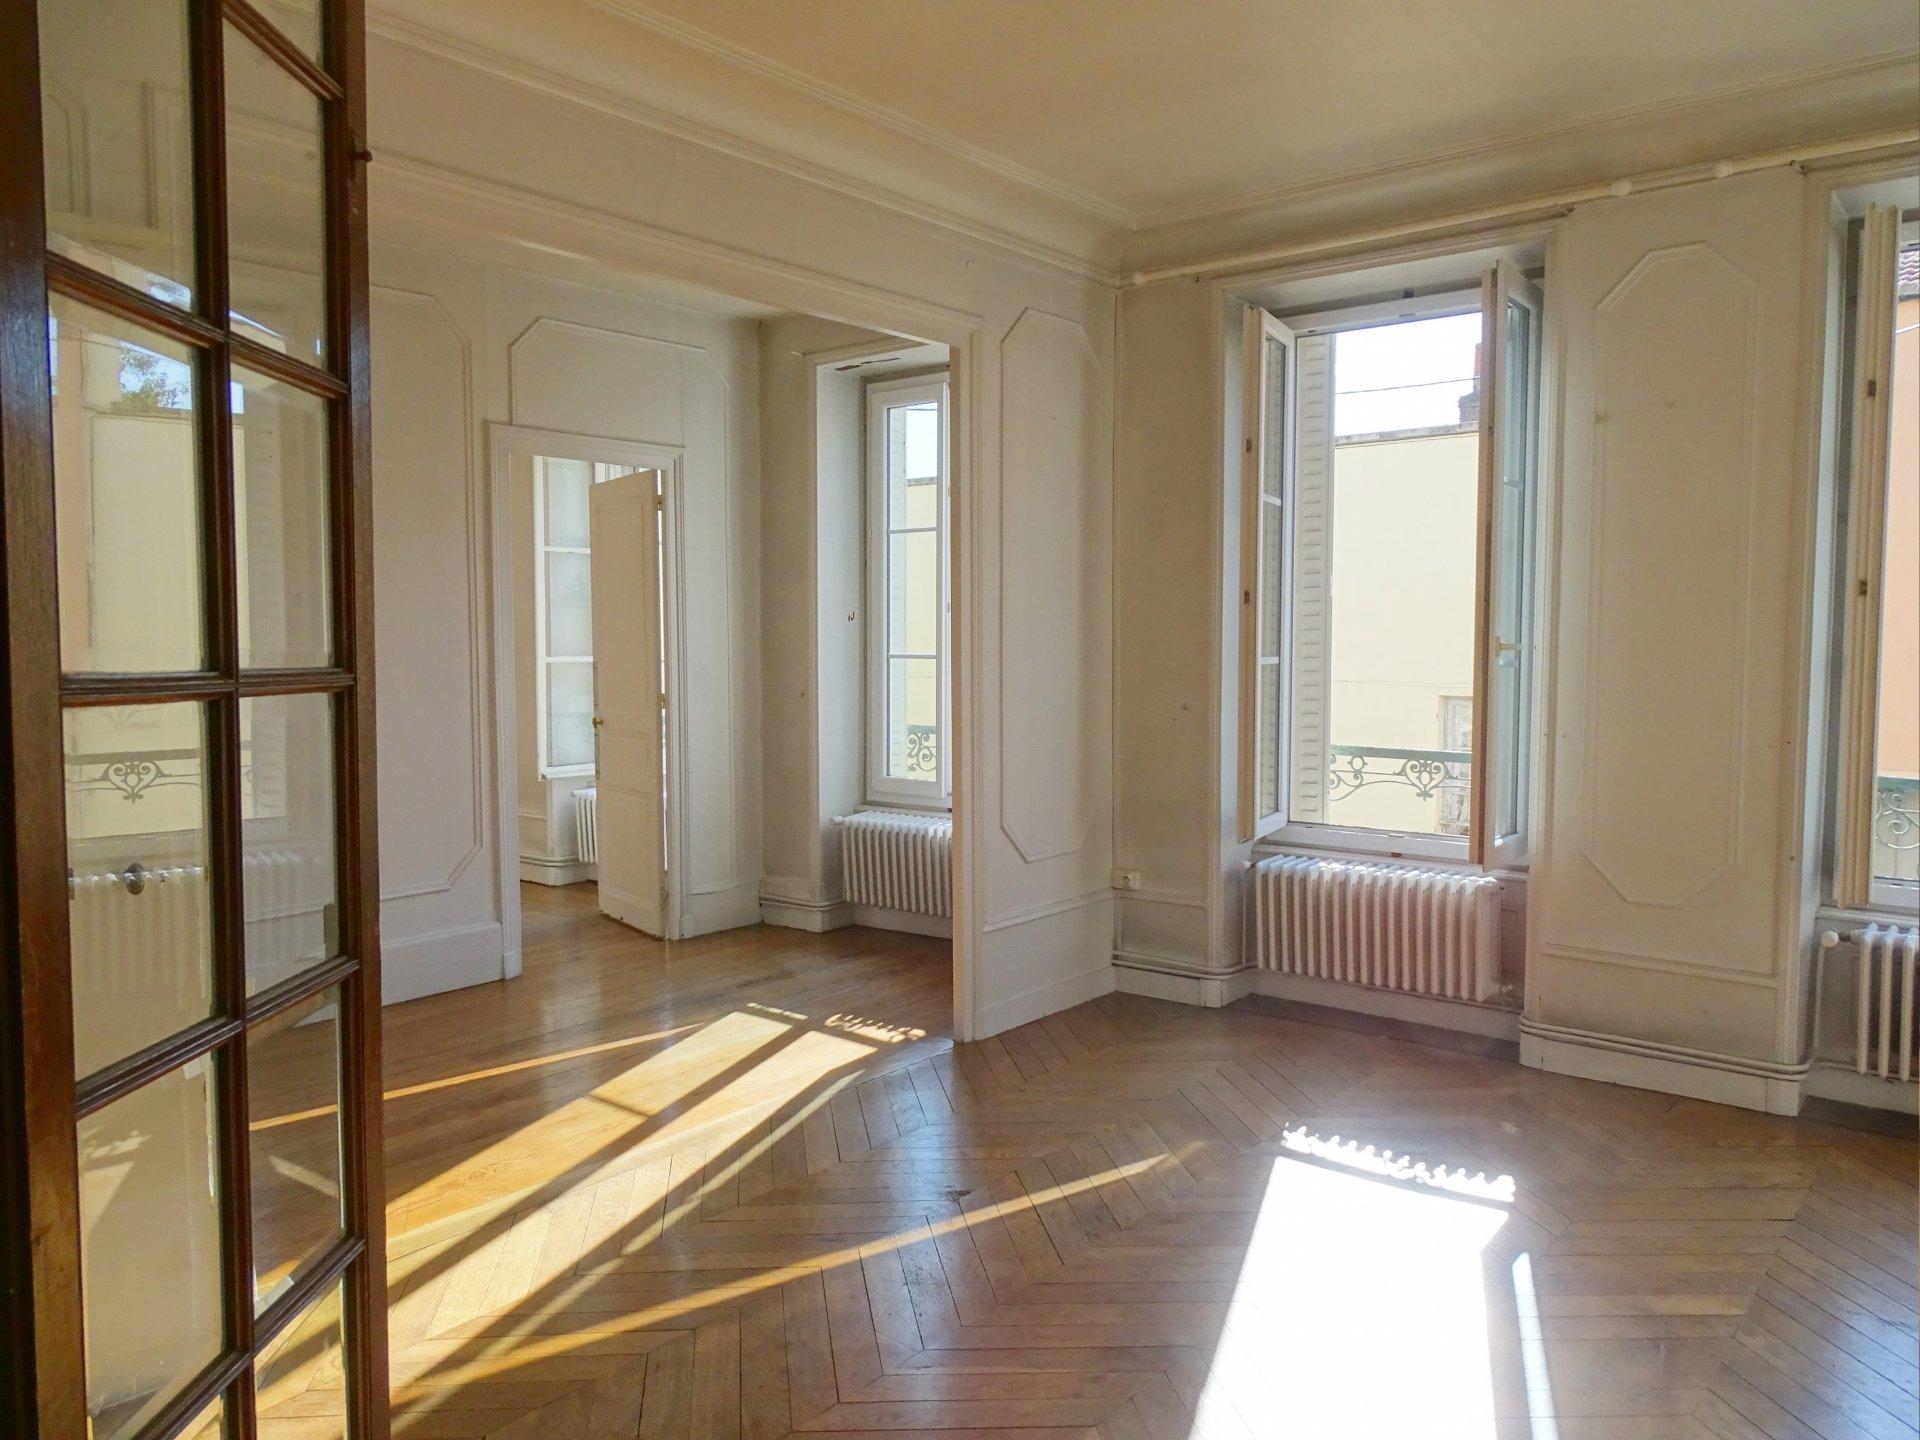 A proximité de tous les commerces et commodités de Mâcon, venez découvrir cet appartement plein de charme offrant une surface habitable de 165 m². Il dispose d'un lumineux salon, une grande salle à manger, une cuisine, un vaste cellier, une chambre avec salle de bains et dressing, chaufferie, et un toilette. A l'étage, vous trouverez deux chambres, un bureau, une salle de bains et des greniers aménageables. Vous serez séduits par le cachet que dégage cet appartement avec ses belles hauteurs sous plafond et ses volumes généreux. Ce bien possède également deux grandes caves, une place de parking privative. Copropriété à faibles charges. A noter :possibilité de créer une terrasse! Copropriété : 7 lots principaux - charges 600 euros par an. Honoraires à la charge du vendeur.